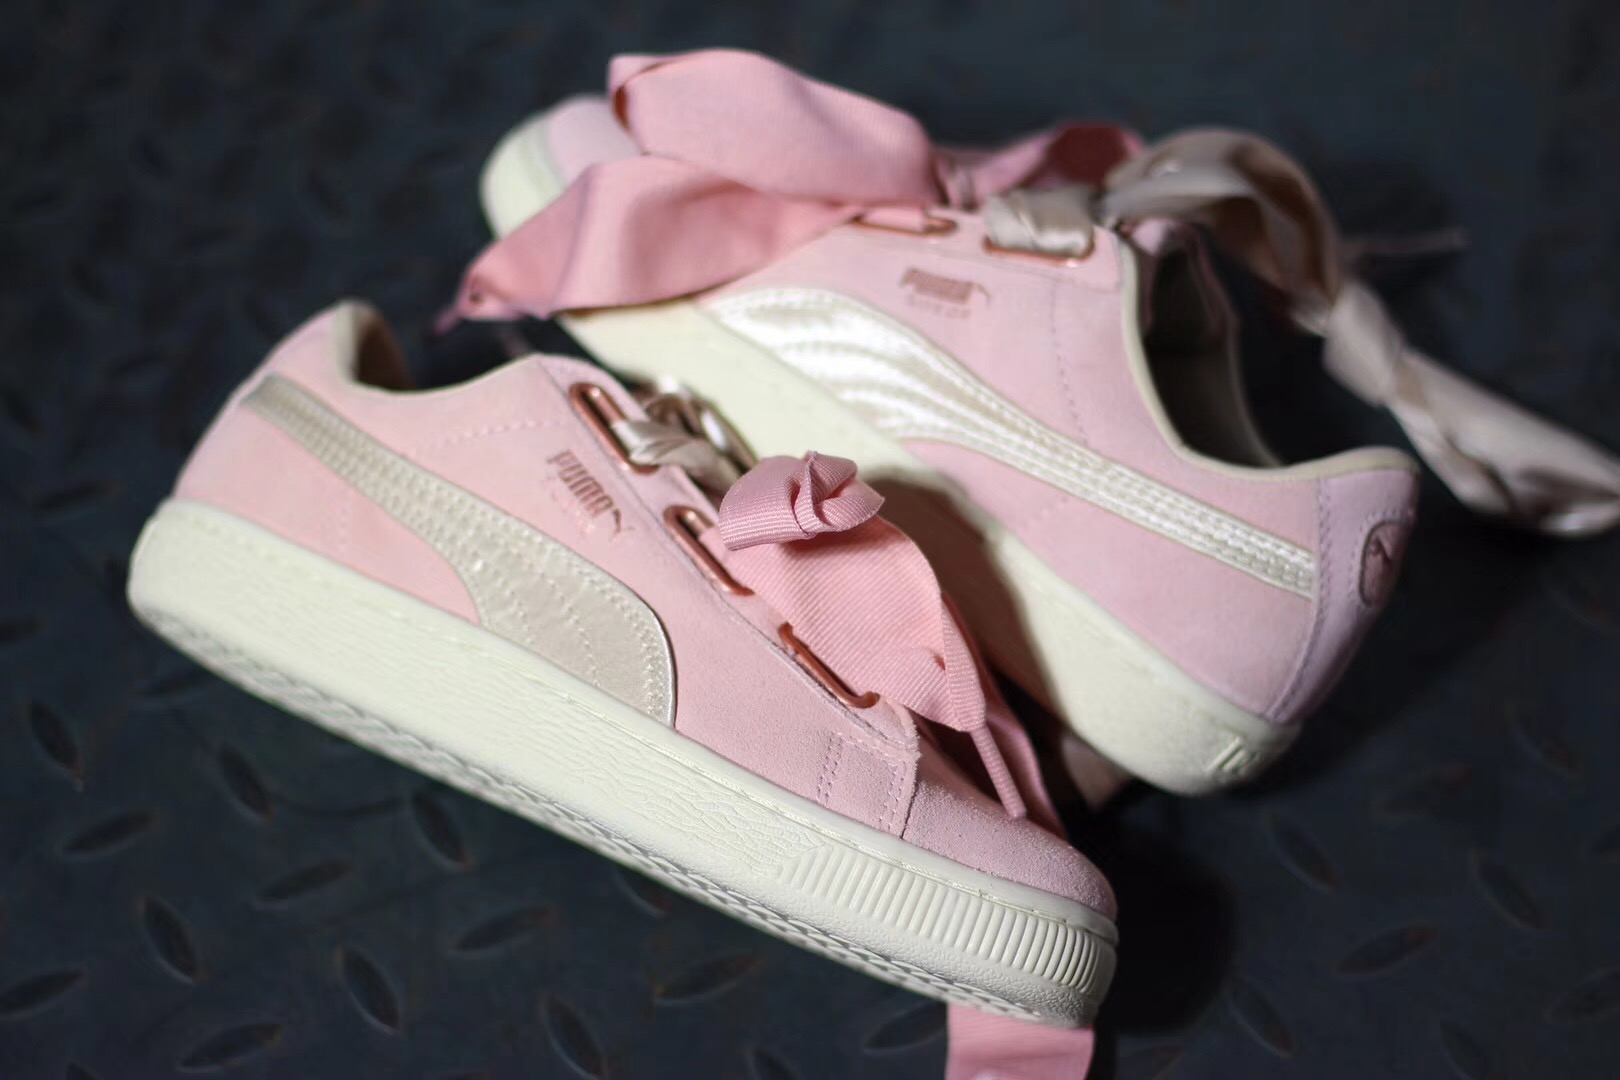 c1d6216ba33 2018 New Arrival PUMA Women s Suede Heart Satin women s Sneakers Badminton  Shoes size35.5-40